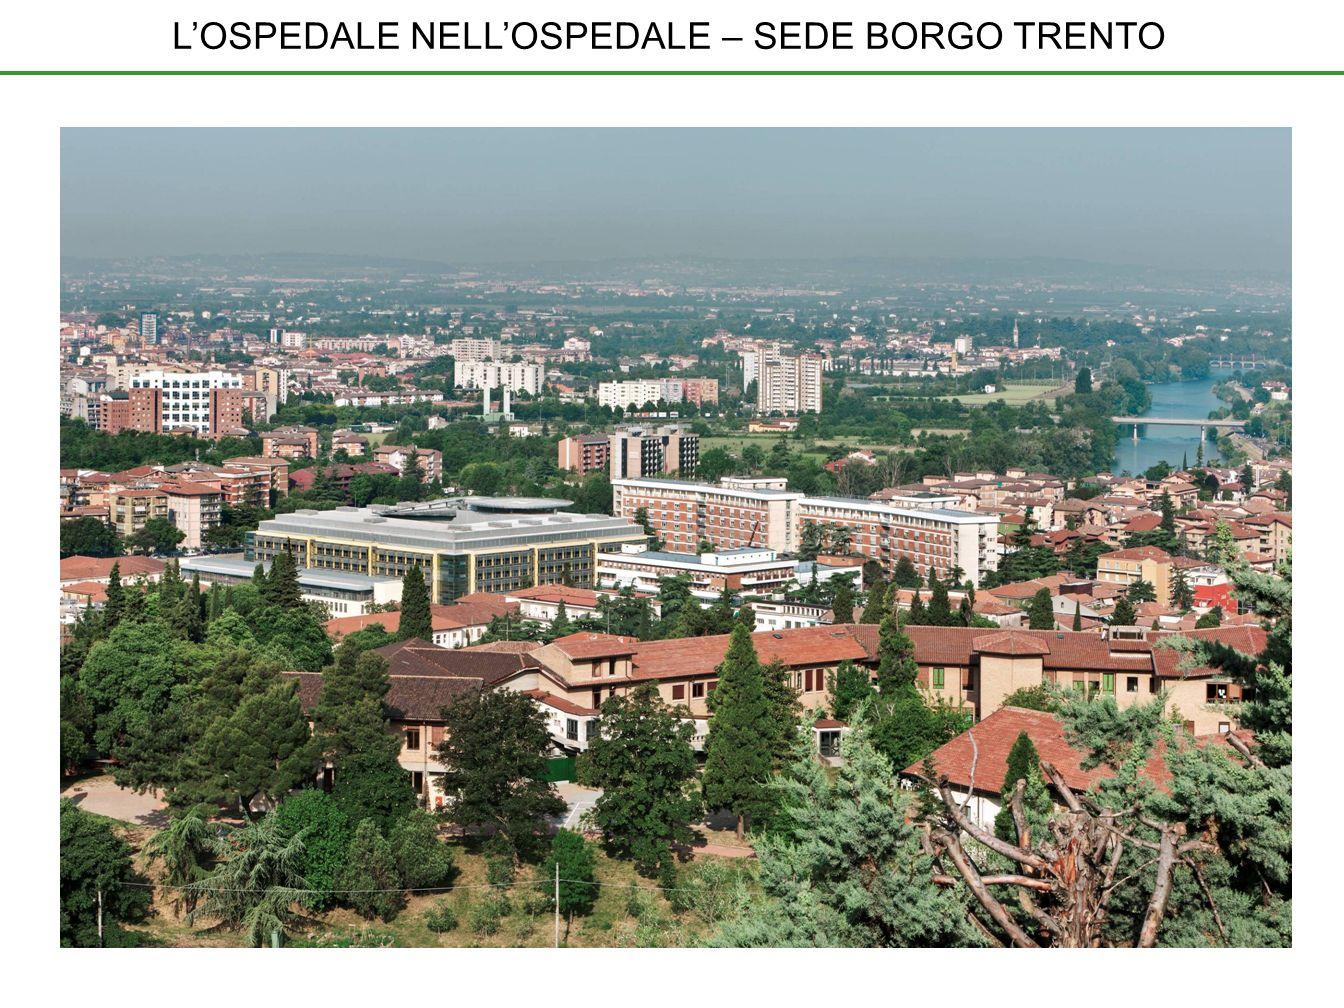 L'OSPEDALE NELL'OSPEDALE – SEDE BORGO TRENTO